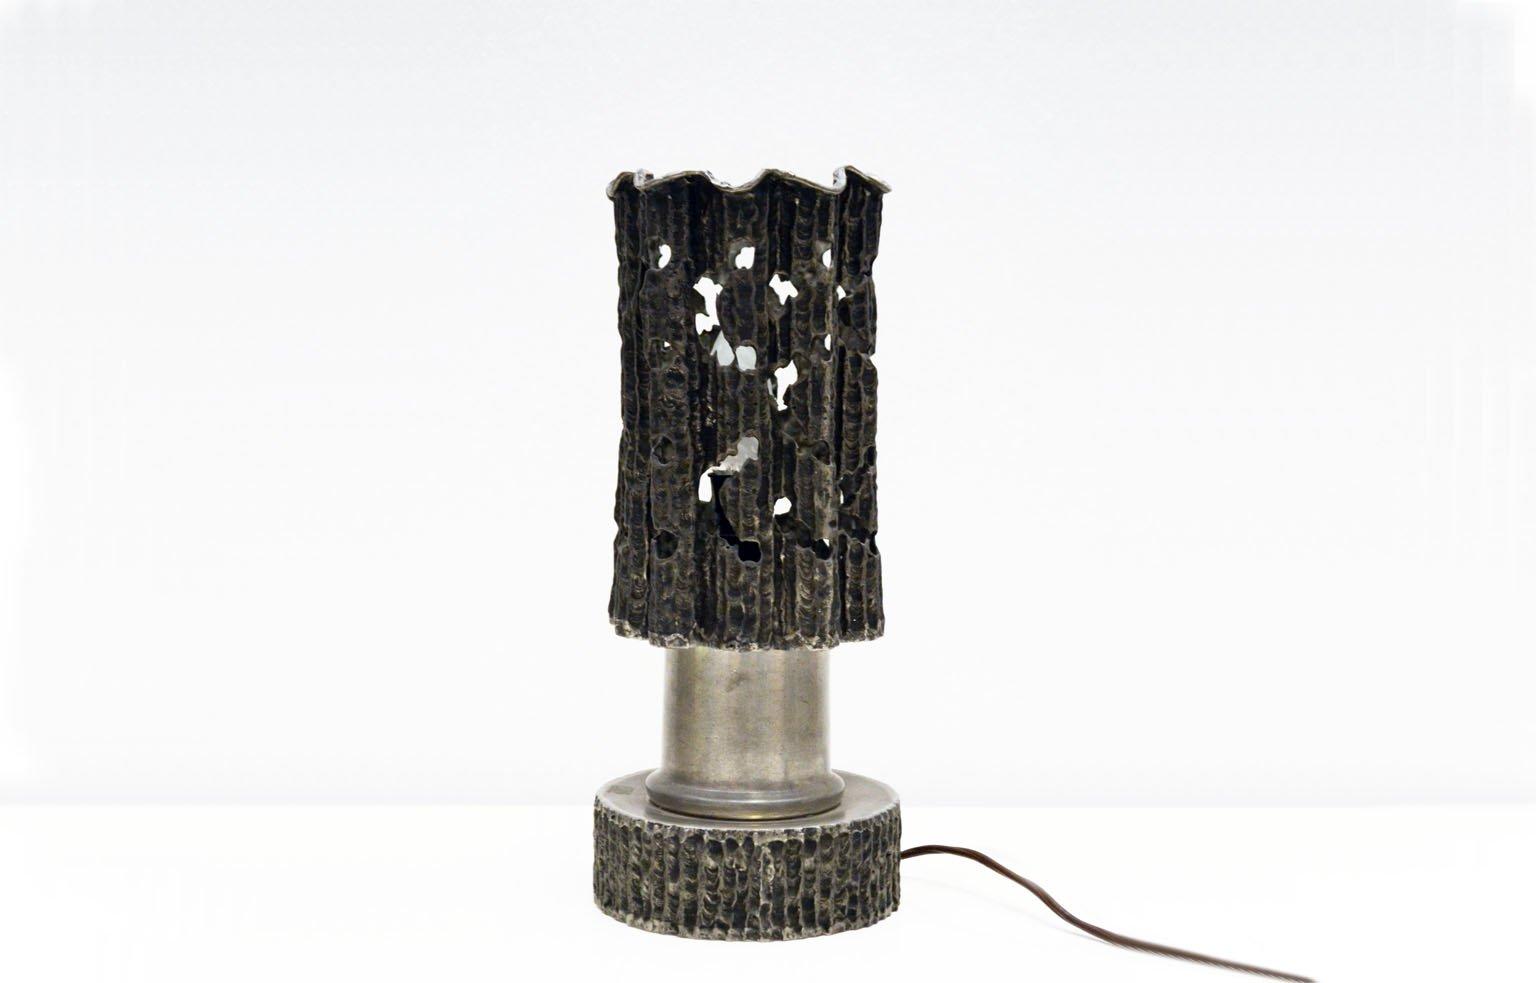 Handgemachte Skulpturale Italienische Tischlampe aus Zinn, 1970er